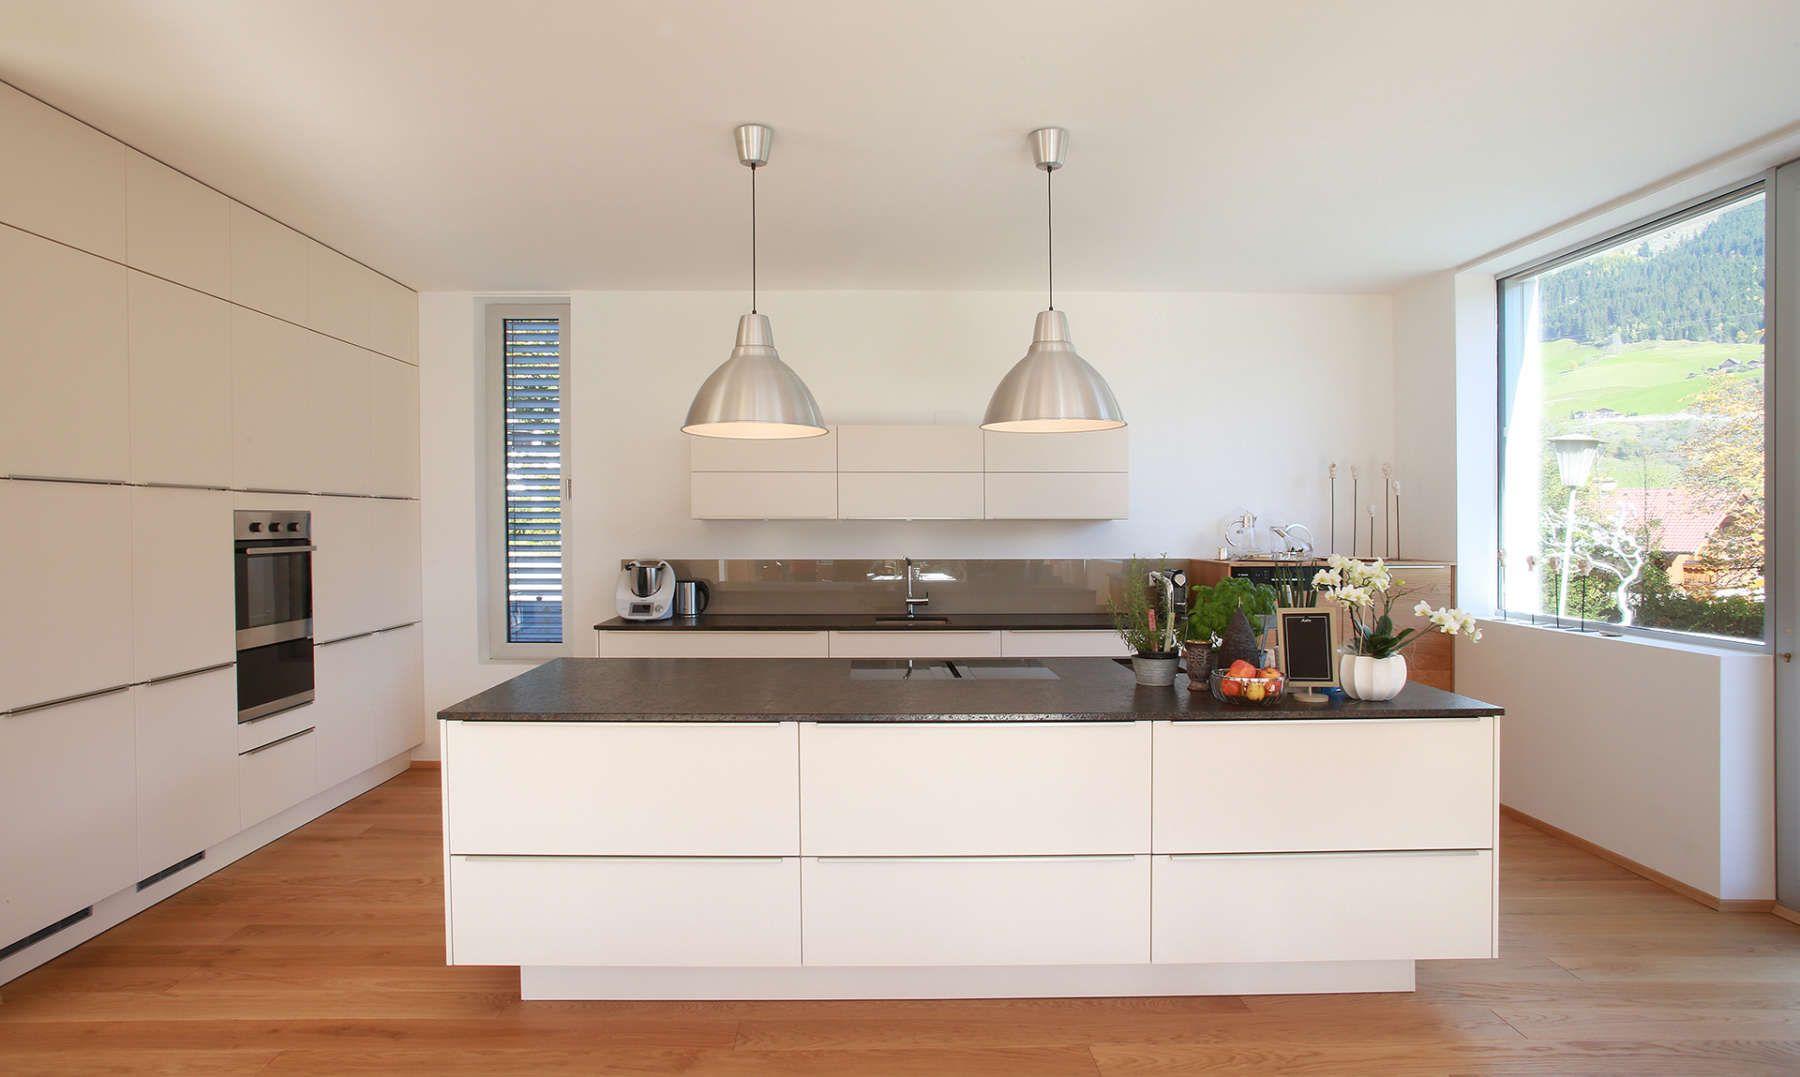 Moderne Kuchen Gfrerer Kuchen Qualitatsmobel In 2020 Moderne Kuche Kuchendesign Und Kuchen Design